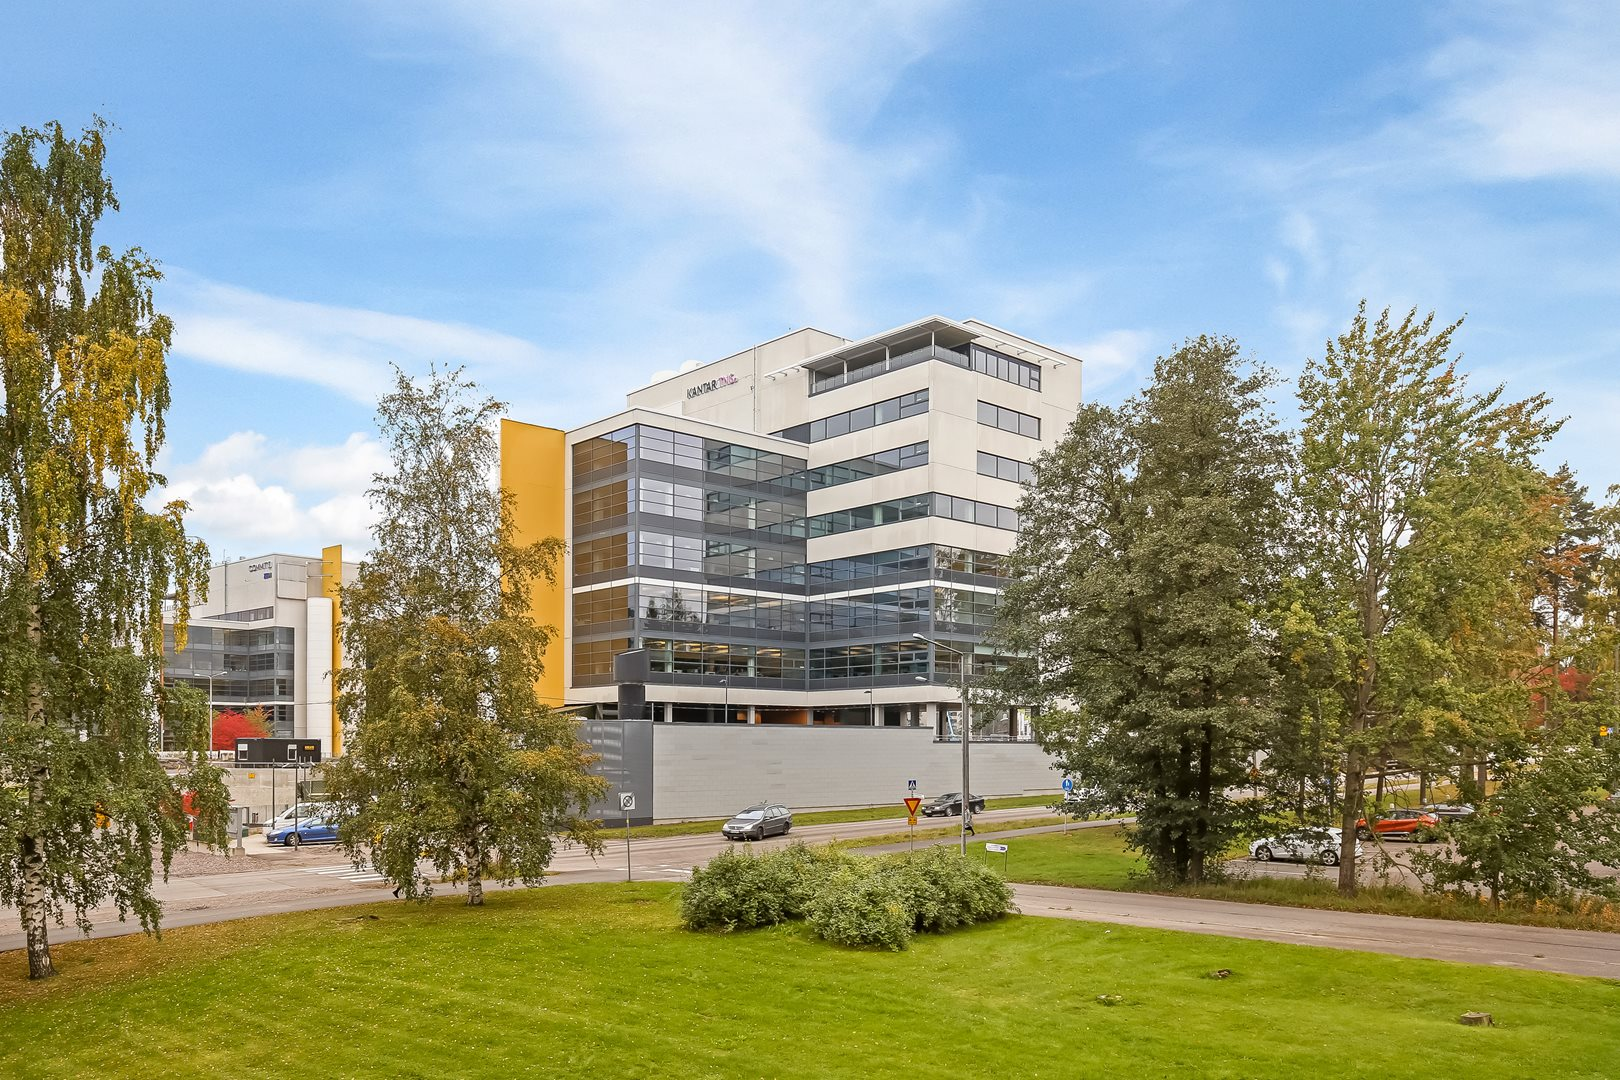 Miestentie 5-9, Keilaniemi, Espoo